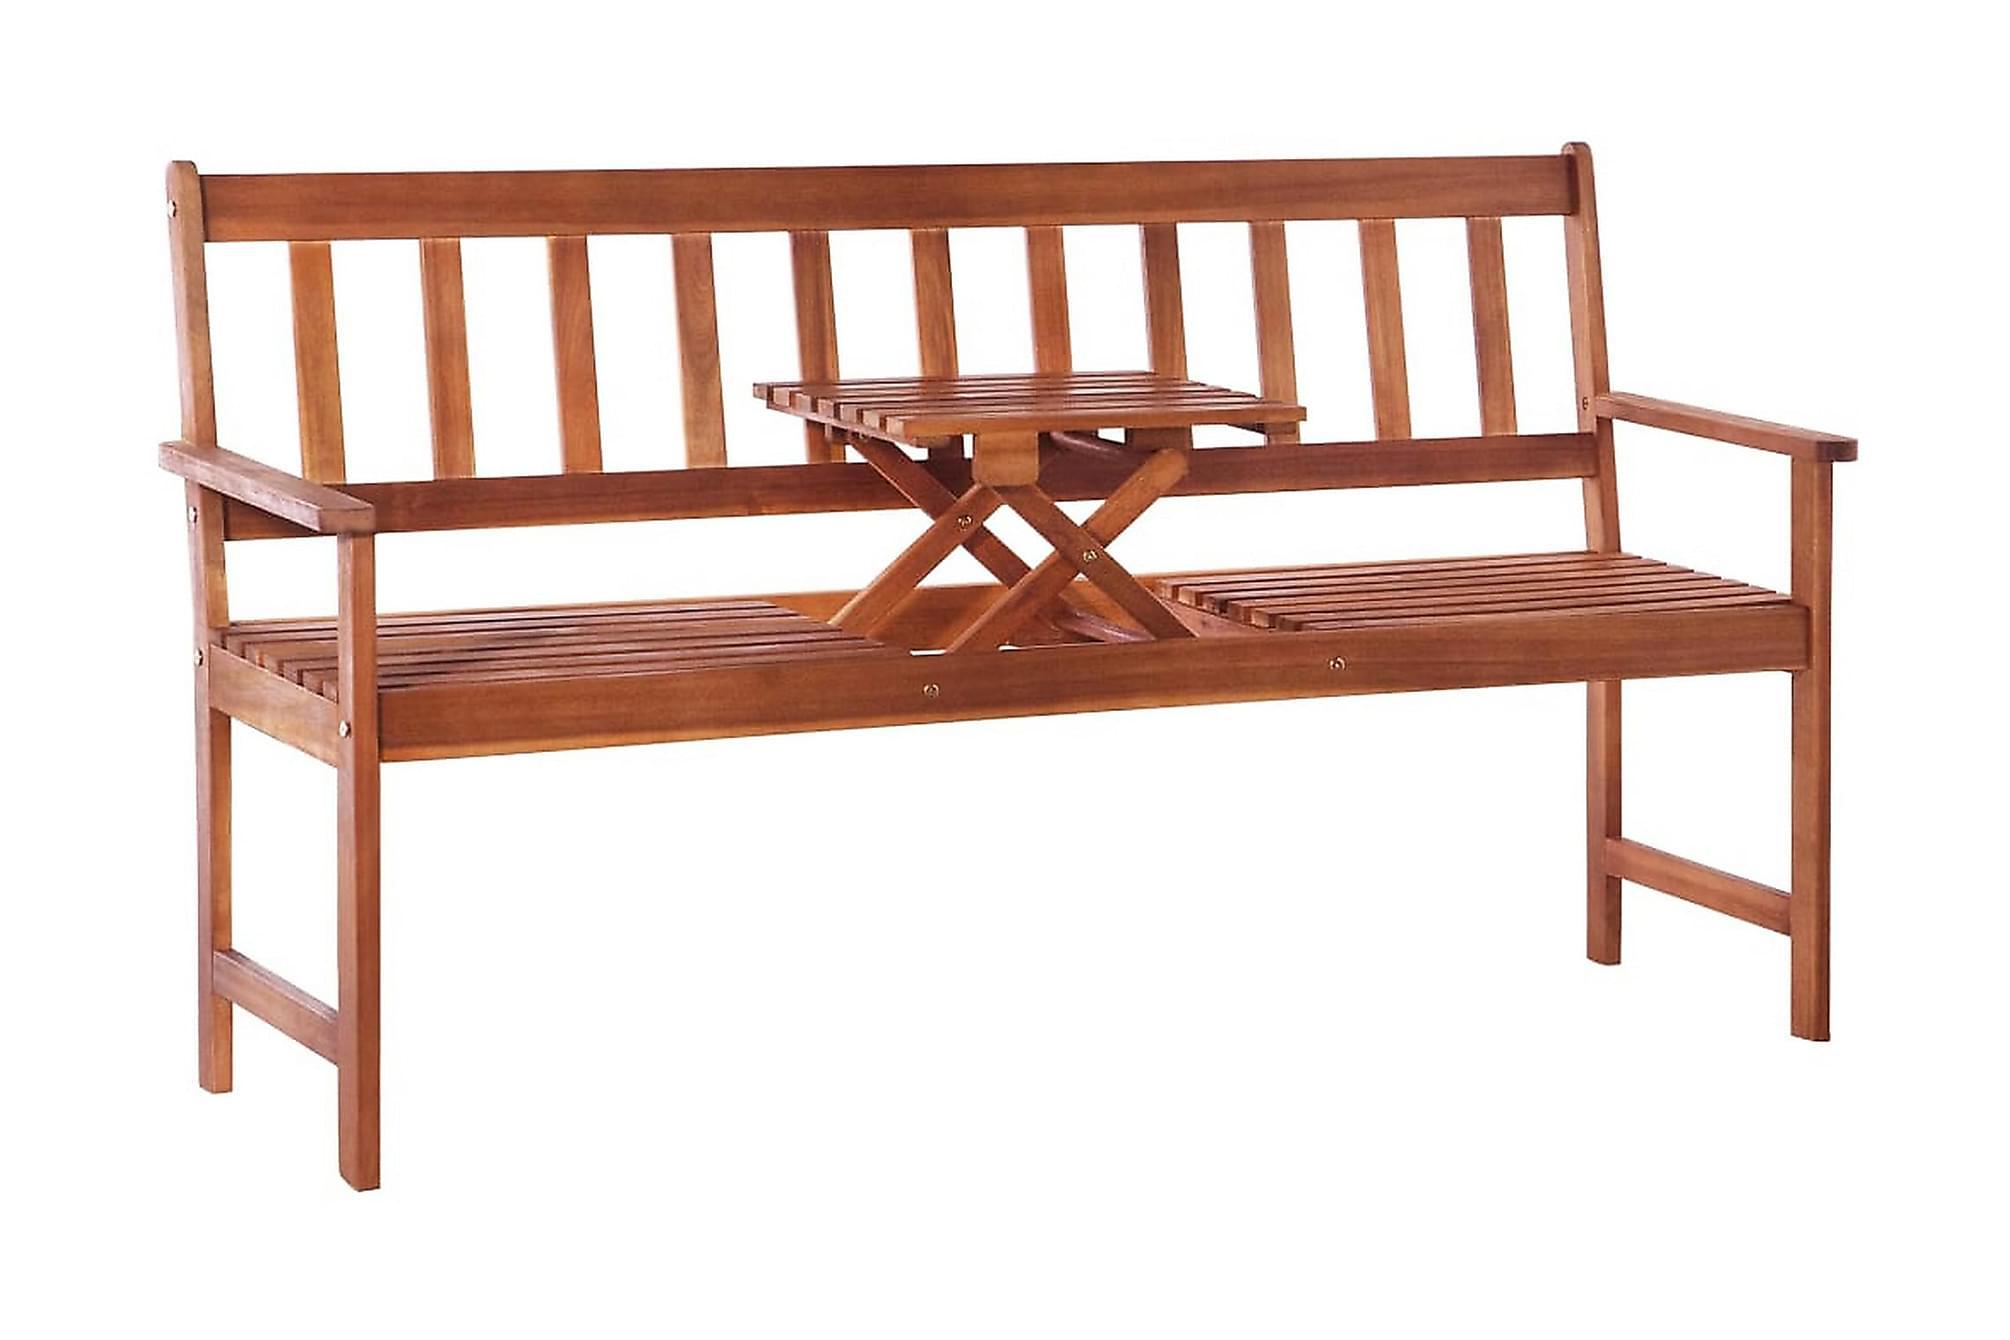 Trädgårdsbänk m. popup-bord 158 cm massivt akaciaträ brun